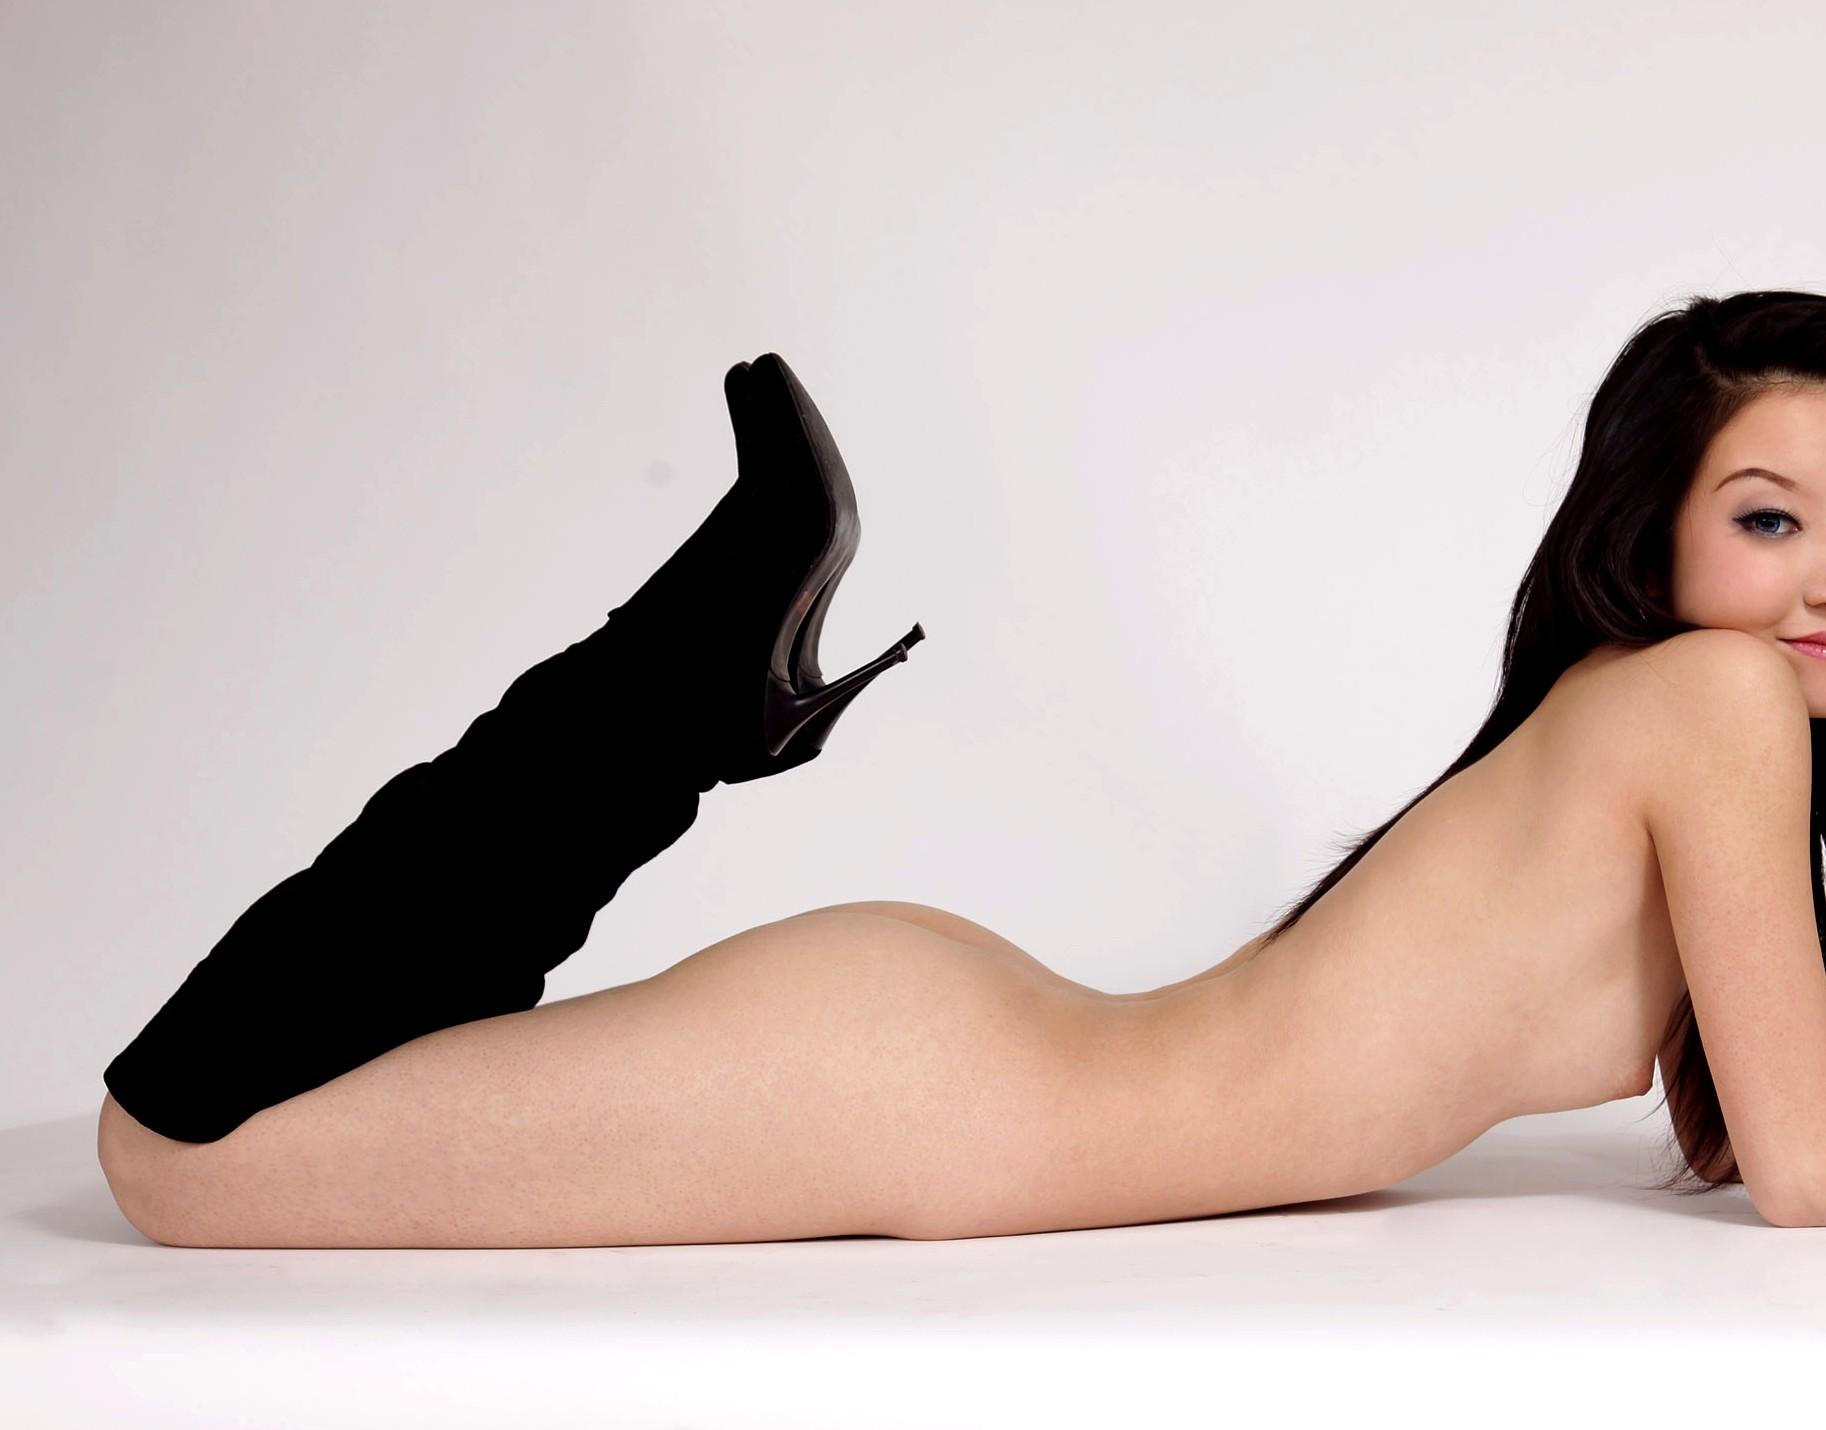 【ヌードエロ画像】安心できないけど履いてるw全裸に靴装備のお姉さんwww 14